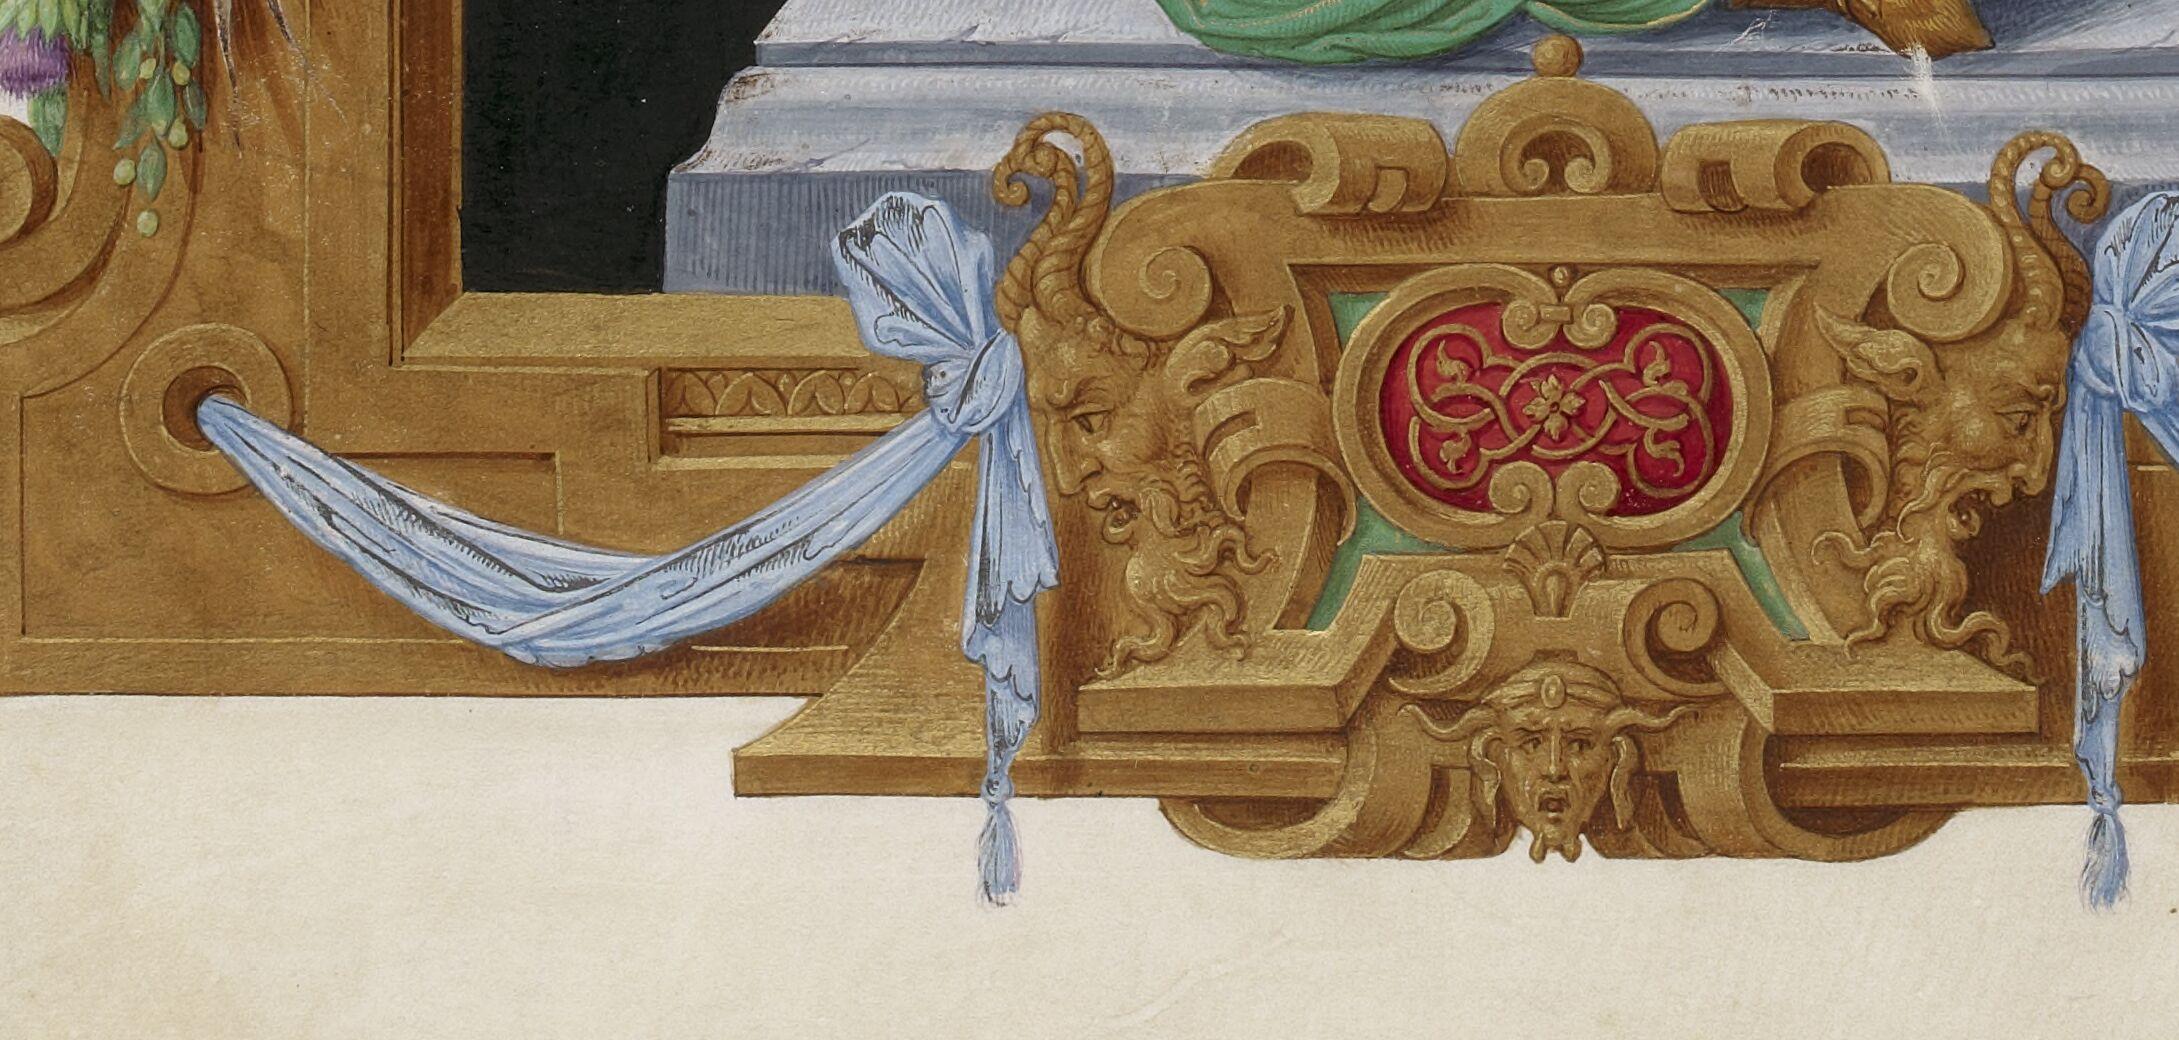 Renaissance cartouche with masks